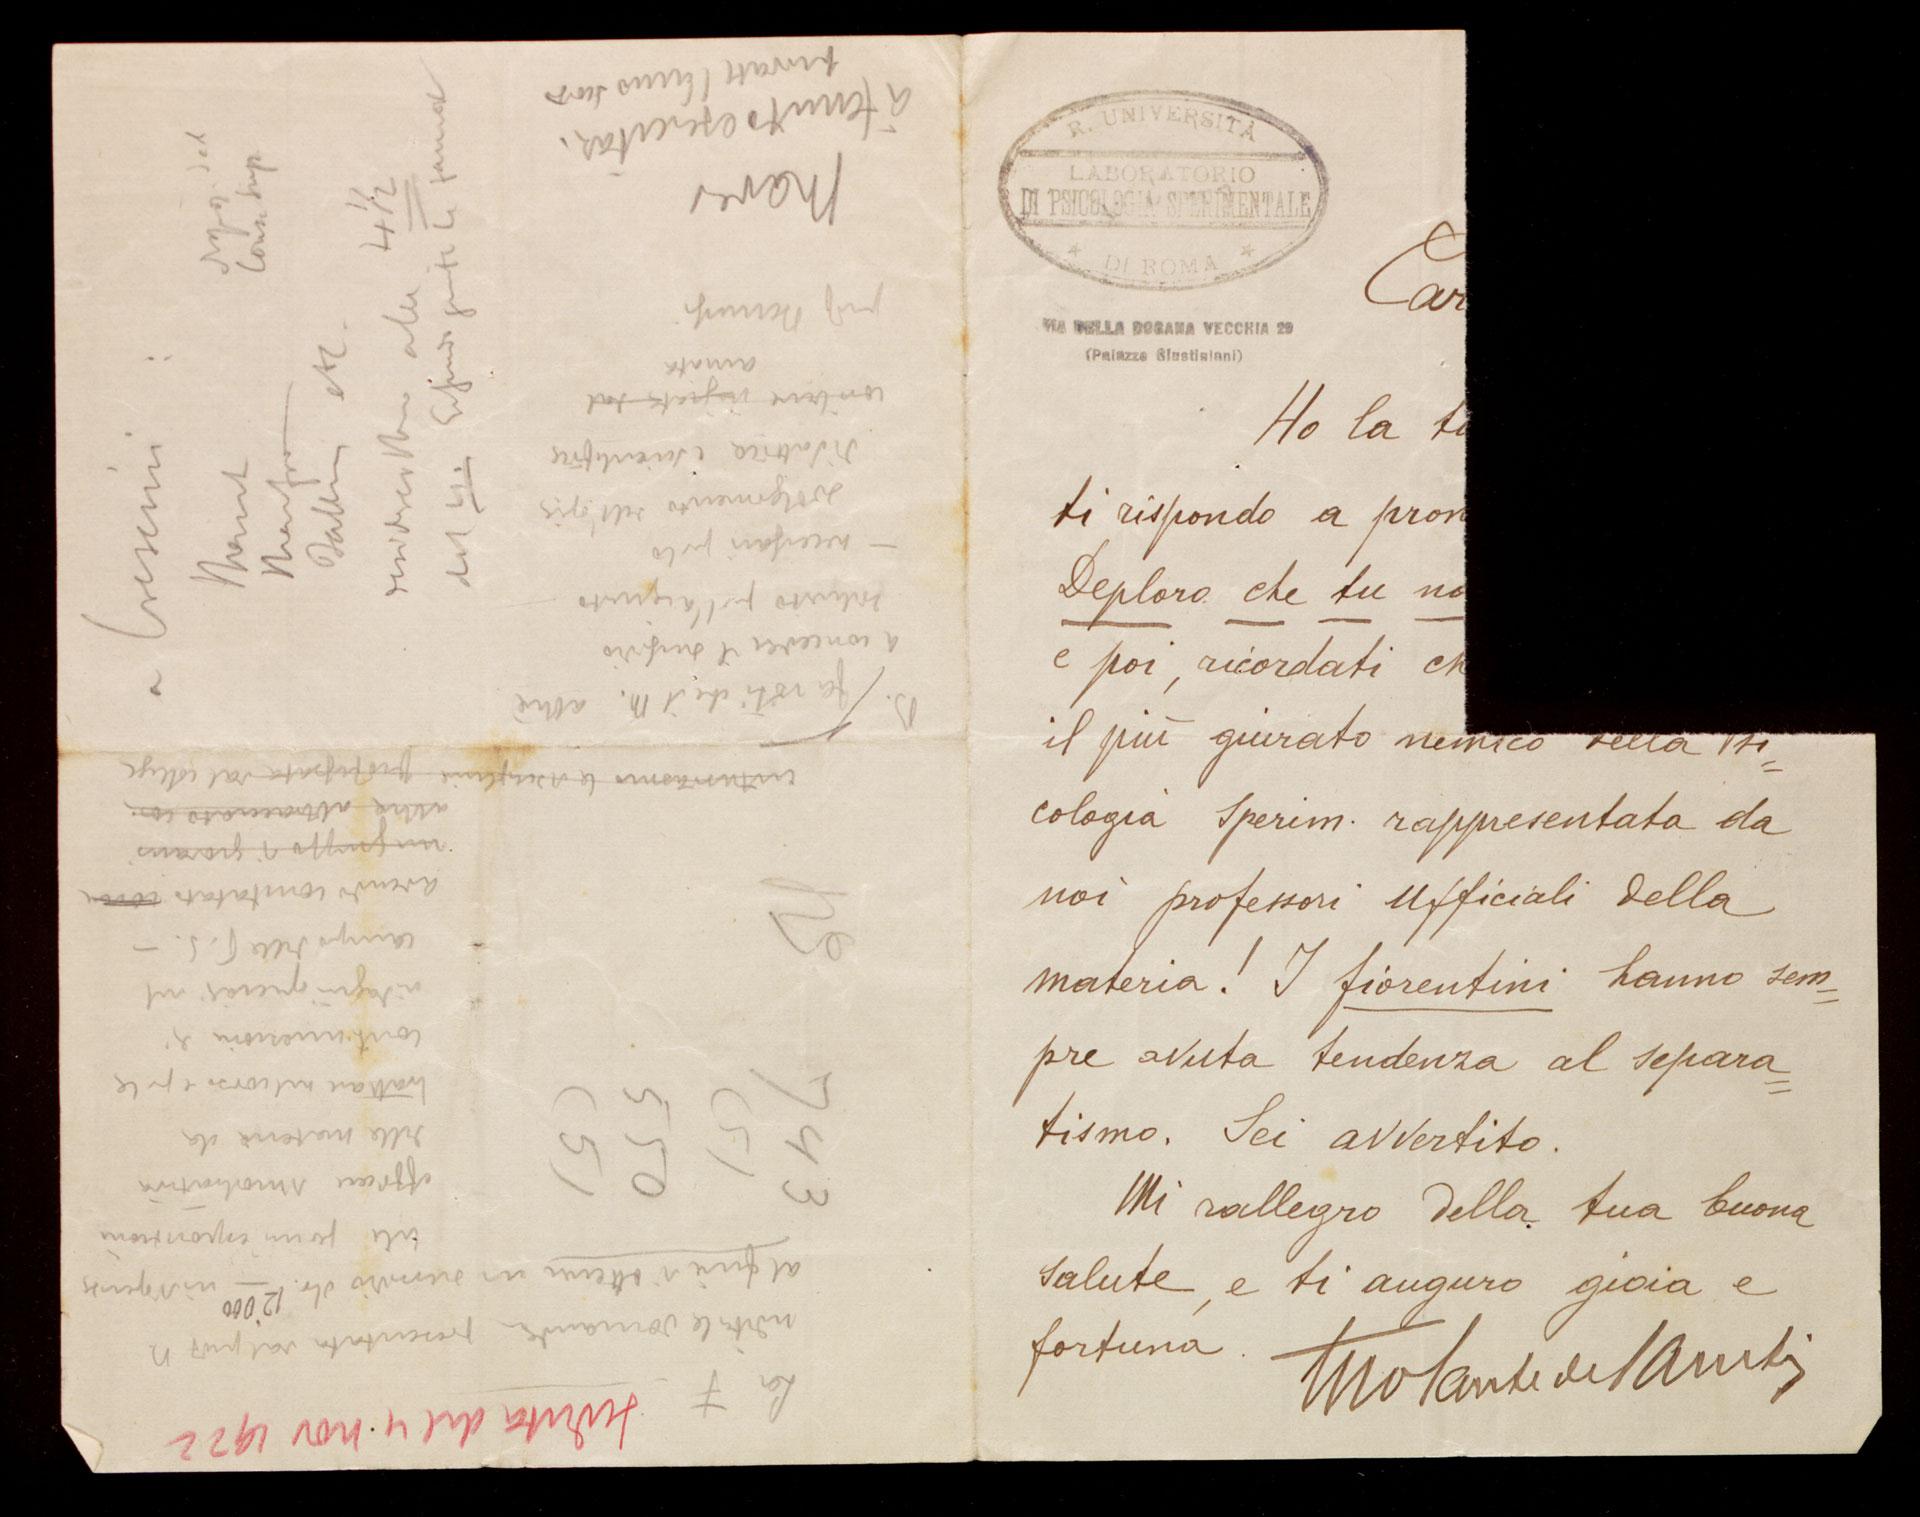 Lettera di Sante De Sanctis a Vittorio Benussi, posteriore al 1922